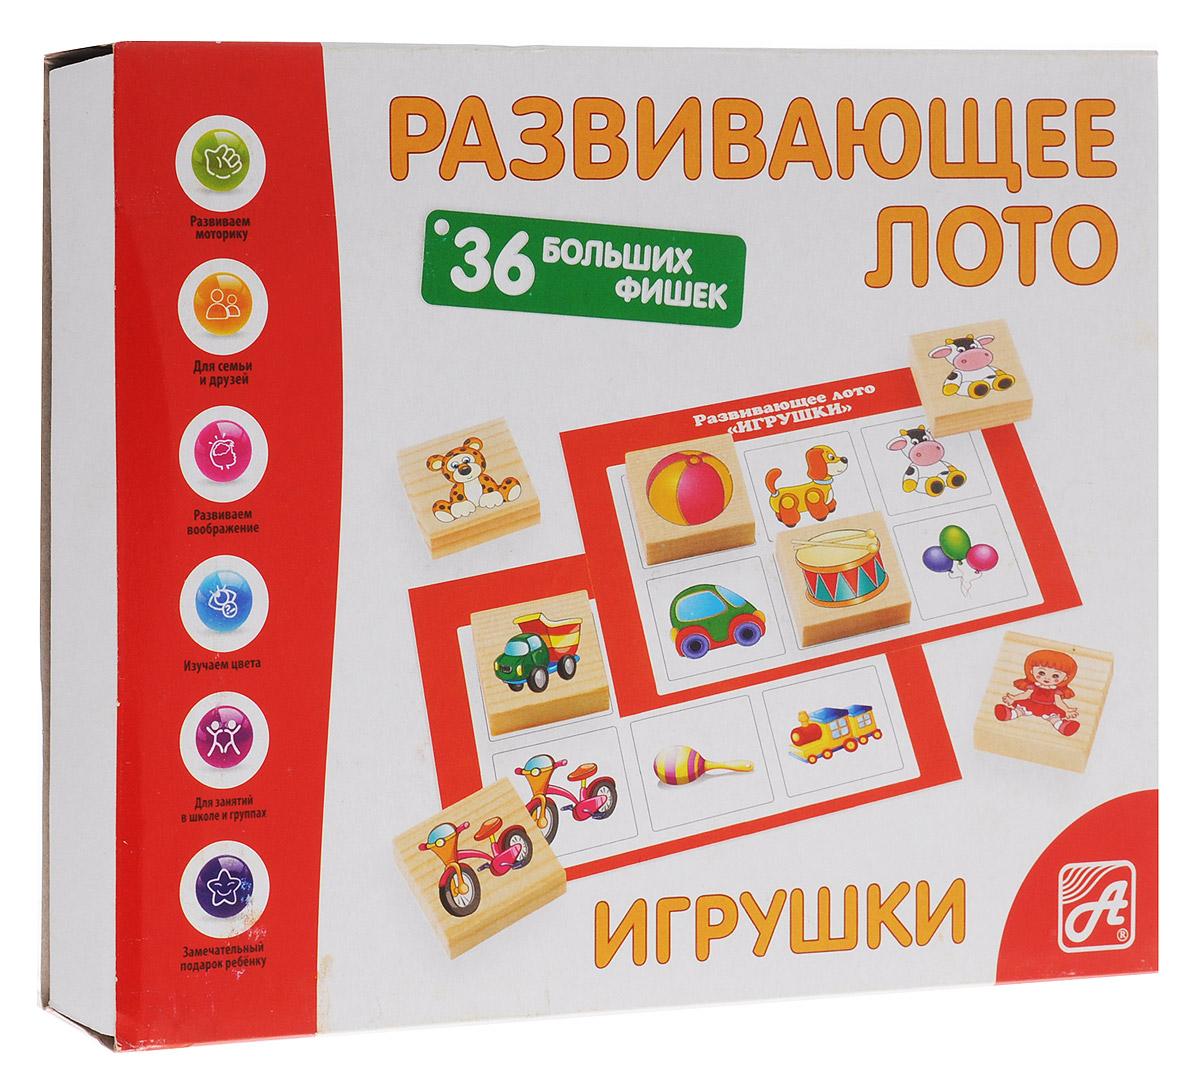 Развивающие деревянные игрушки Лото ИгрушкиД464аЛото для детей Развивающие деревянные игрушки Игрушки производится из экологичного материала - натурального дерева. Фишки большого размера (3,5 см х 3,5 см) прекрасно подойдут даже для самых маленьких игроков. Малышу удобно держать такую фишку. Рисунки на ней - яркие и большие. С этой игрушкой можно играть не только дома, но и эффективно использовать для занятий в детском саду. Играя, ребёнок развивает целый спектр навыков: моторику, логику, воображение, а также изучает окружающий мир.